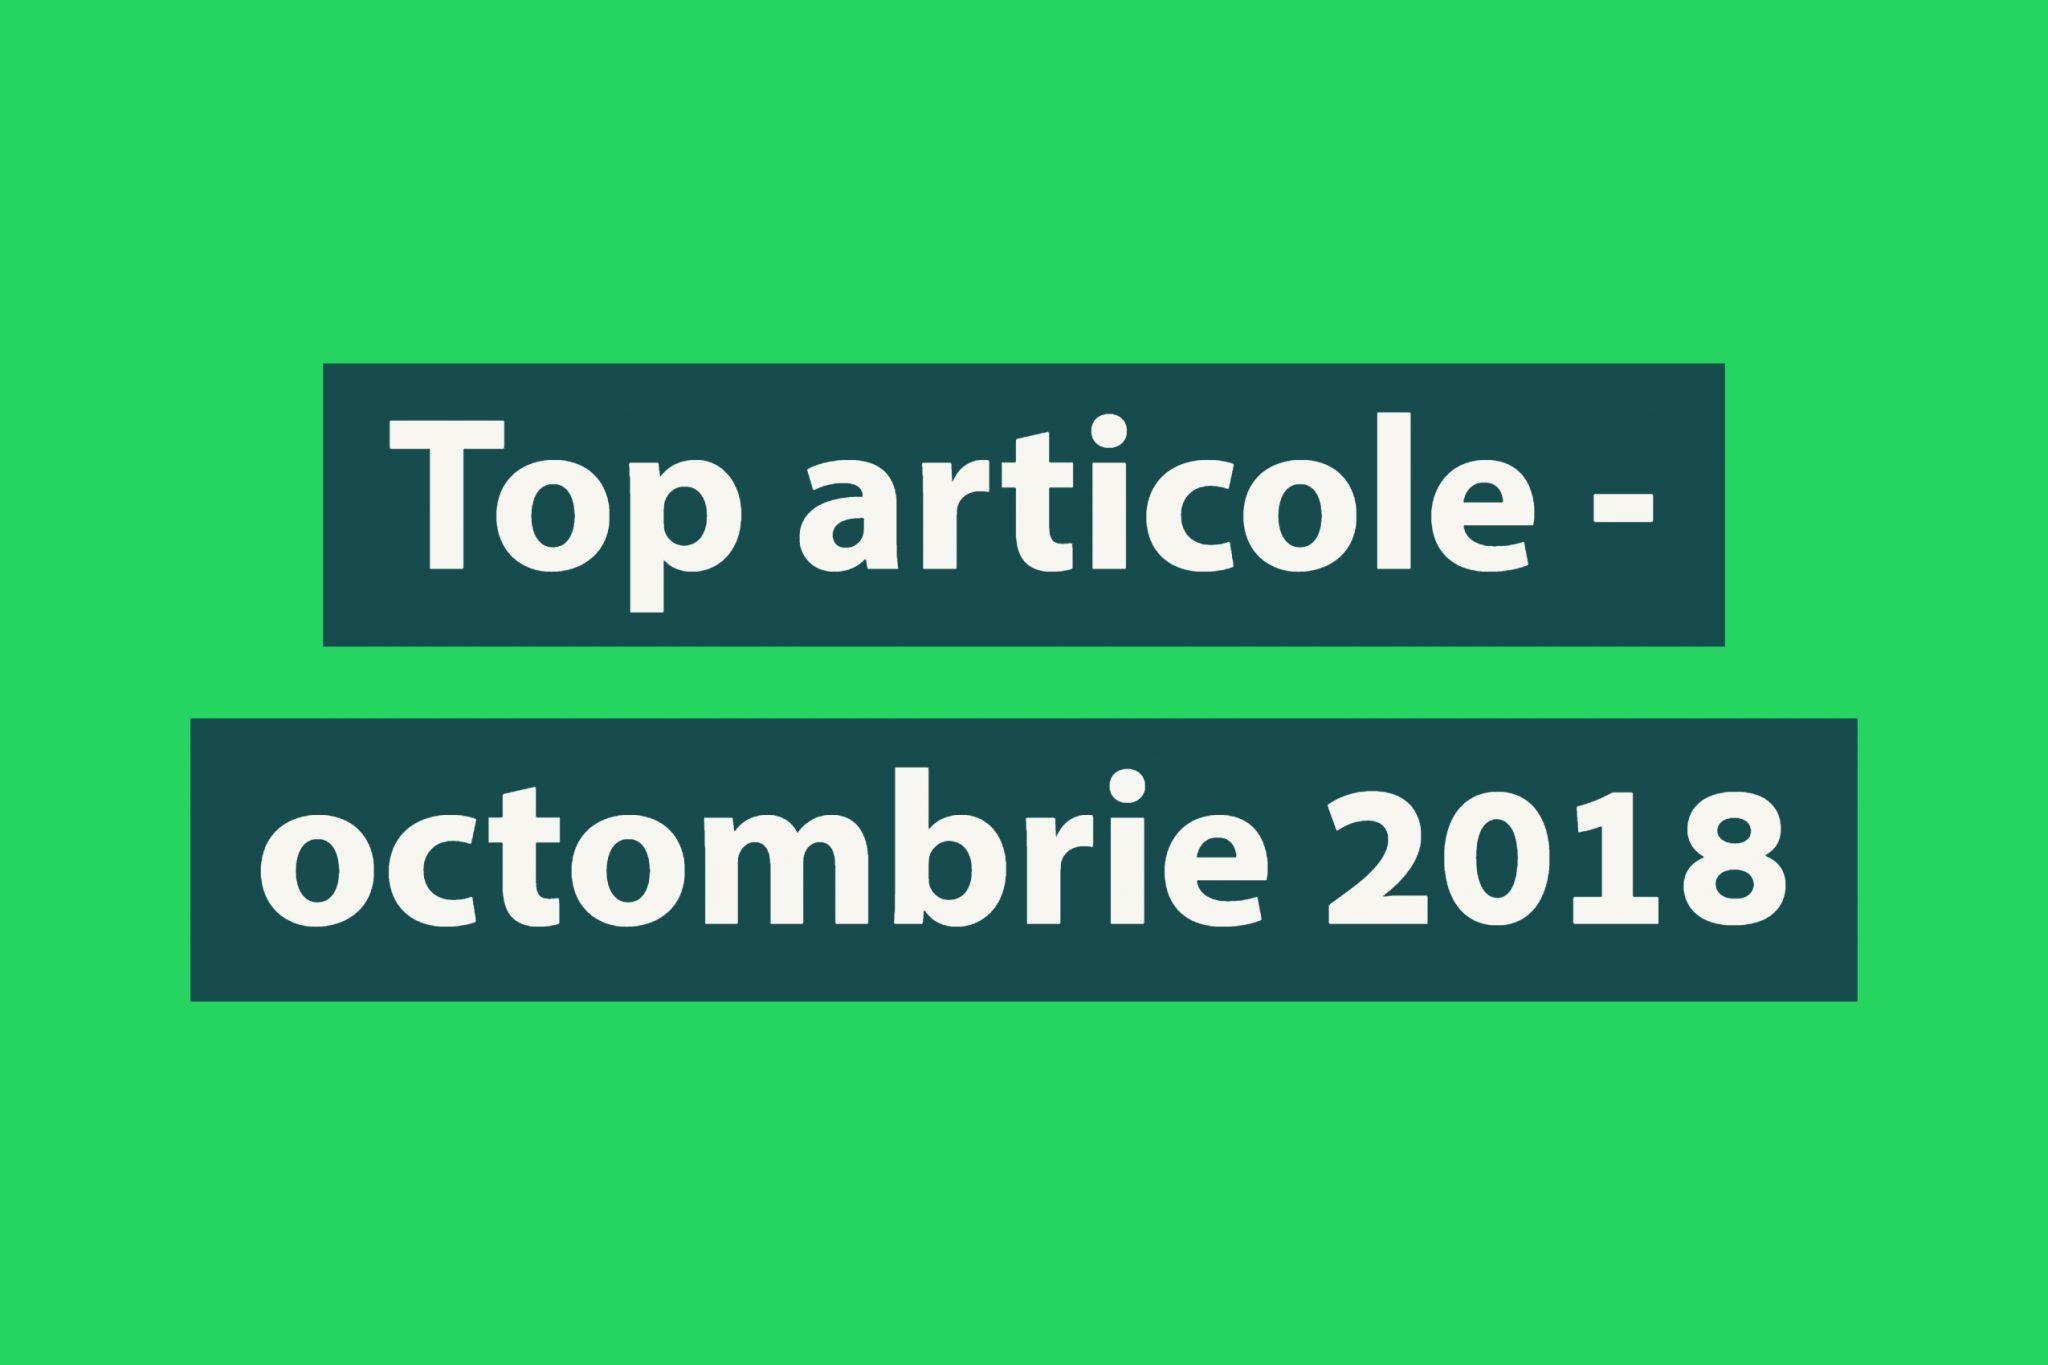 Top articole luna octombrie Biciclistul.ro